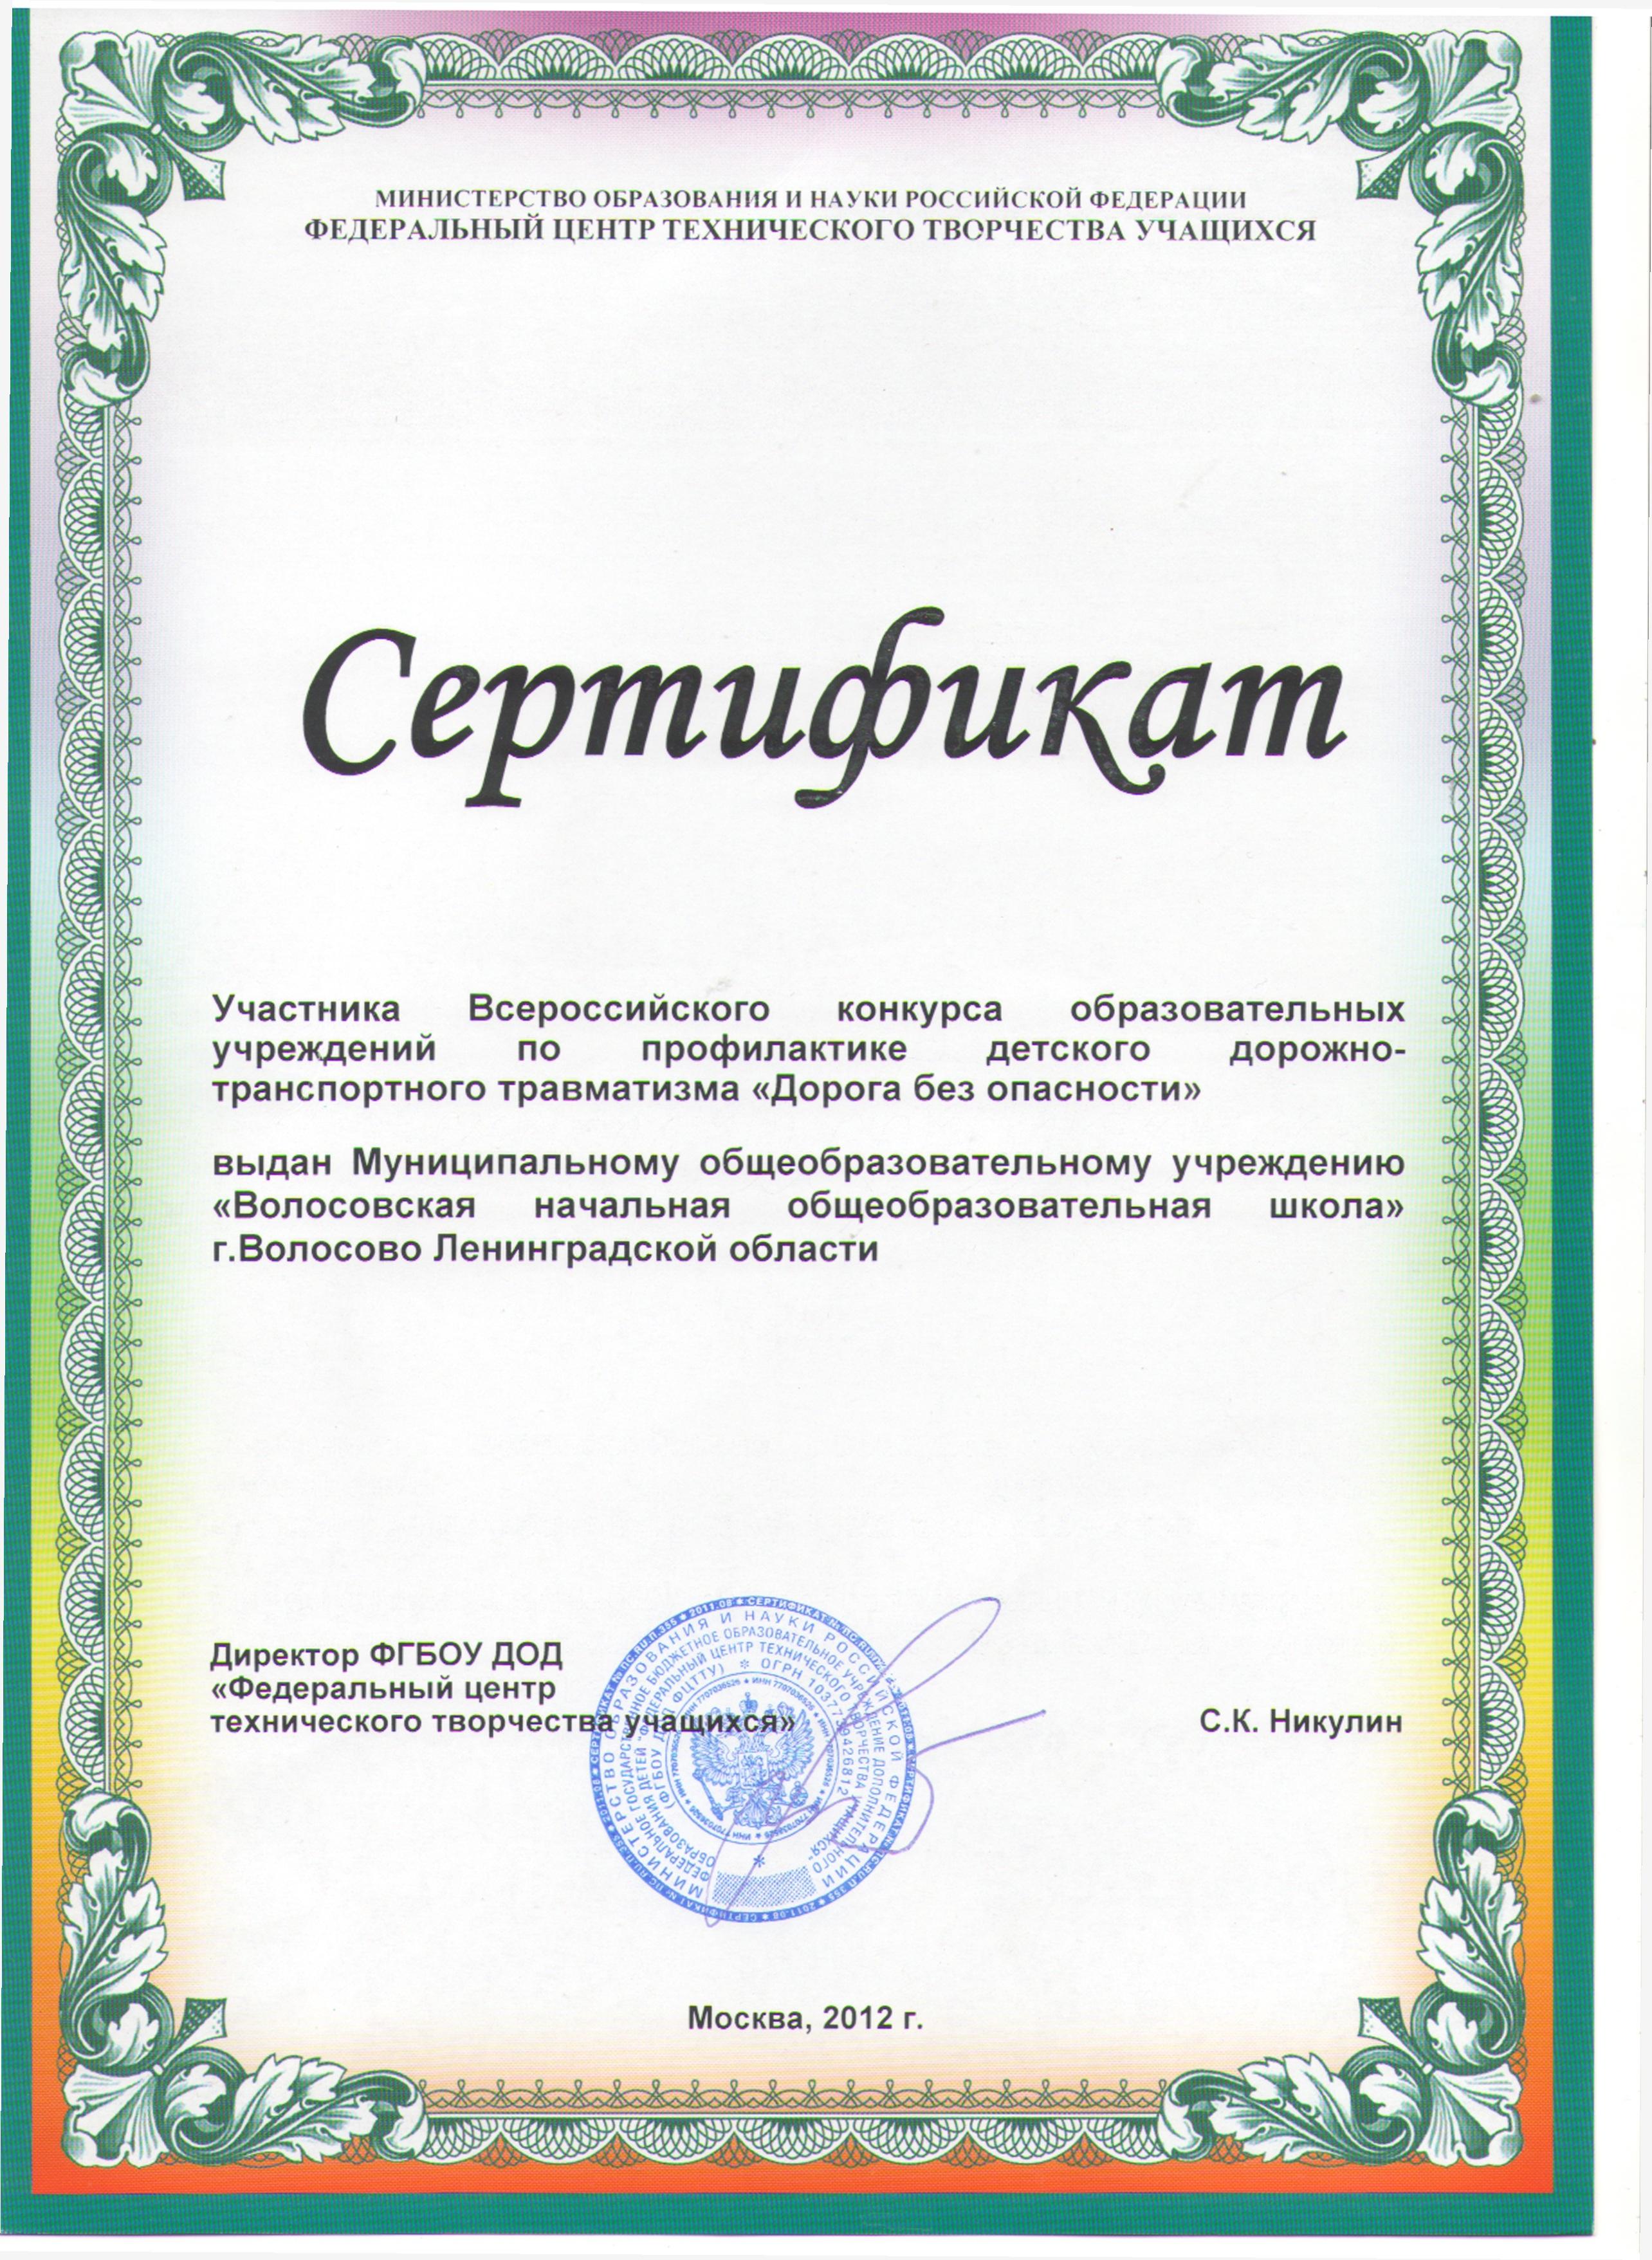 vnosh raduga ucoz ru Наши достижения Сертификат участника Всероссийского игрового конкурса Человек и Природа · Награждается оздоровительный лагерь за 1 место в номинации Фото отчет